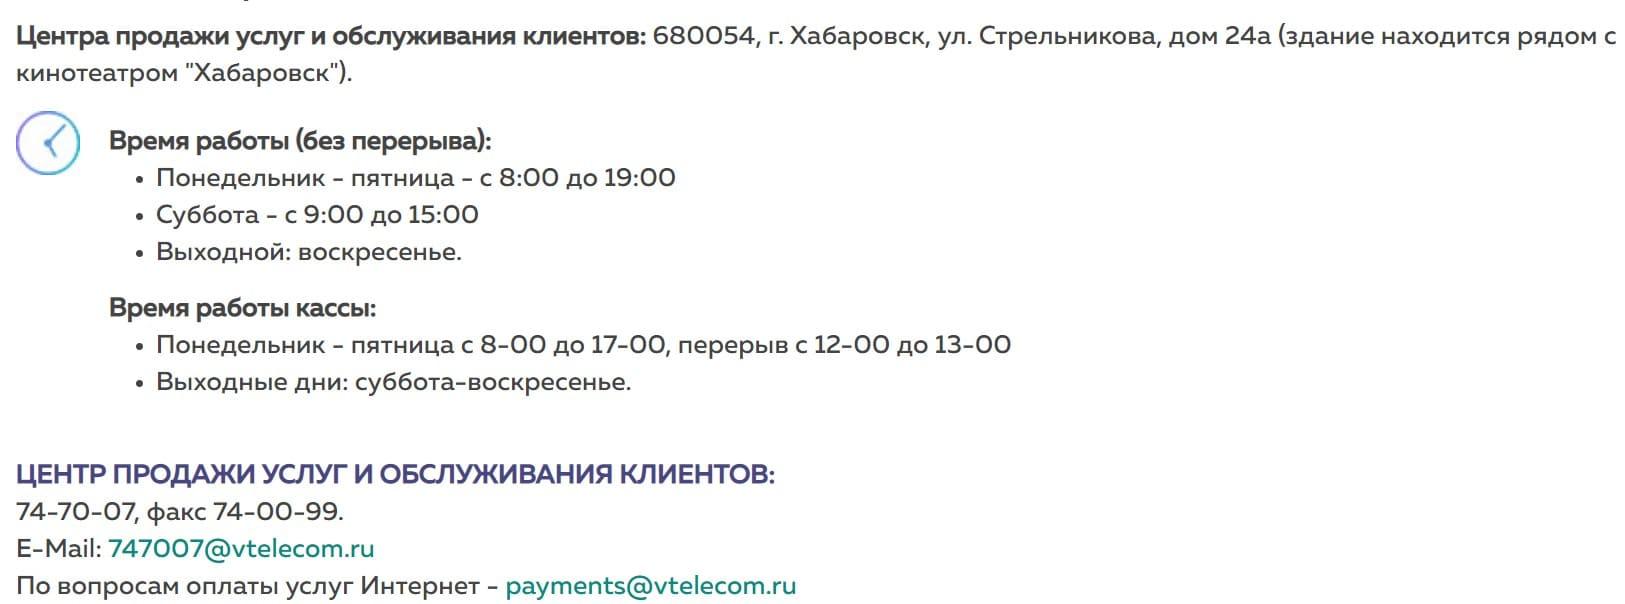 ВостокТелеком Хабаровск личный кабинет